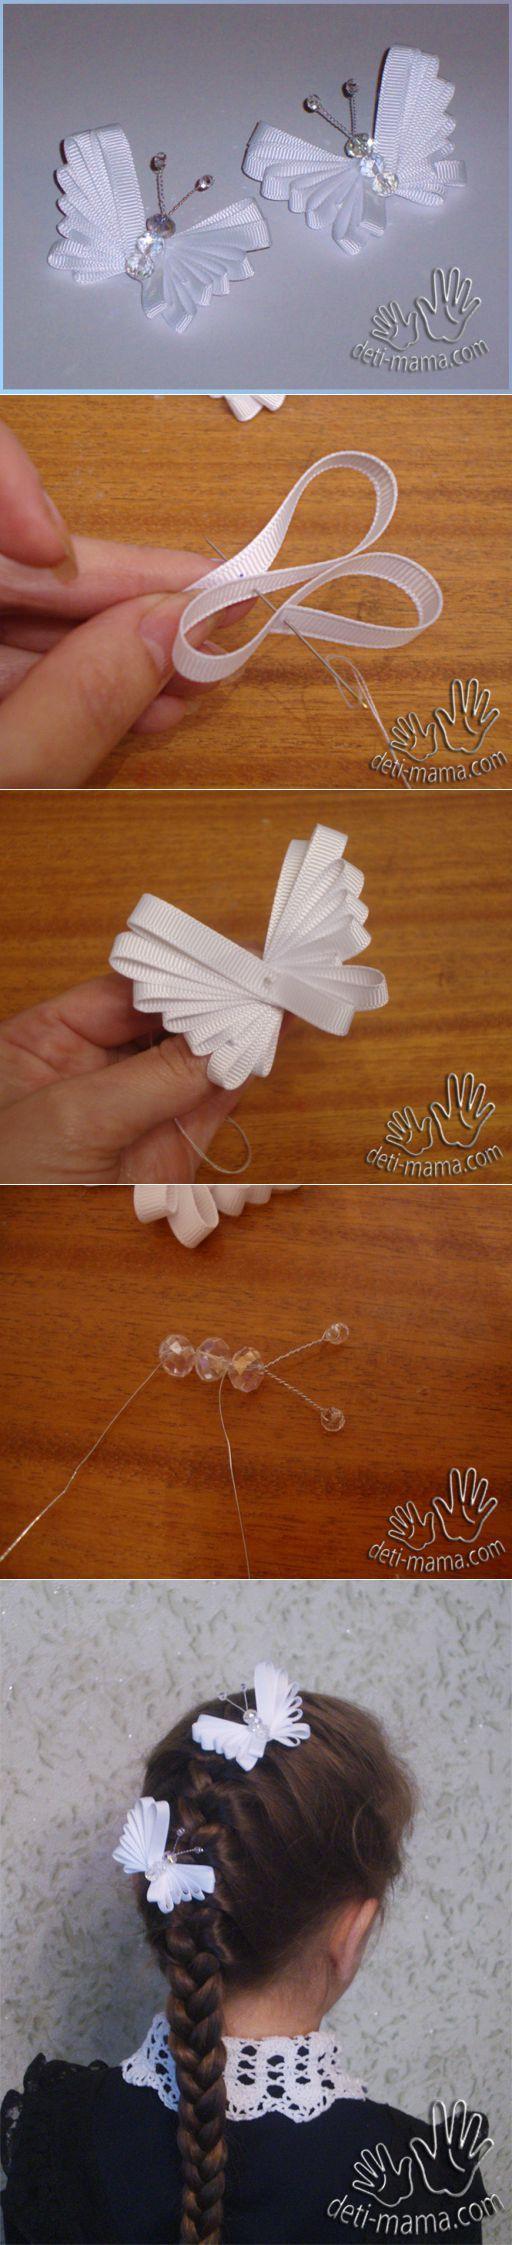 Бабочка из лент. Мастер класс | Журнал для мам и детей